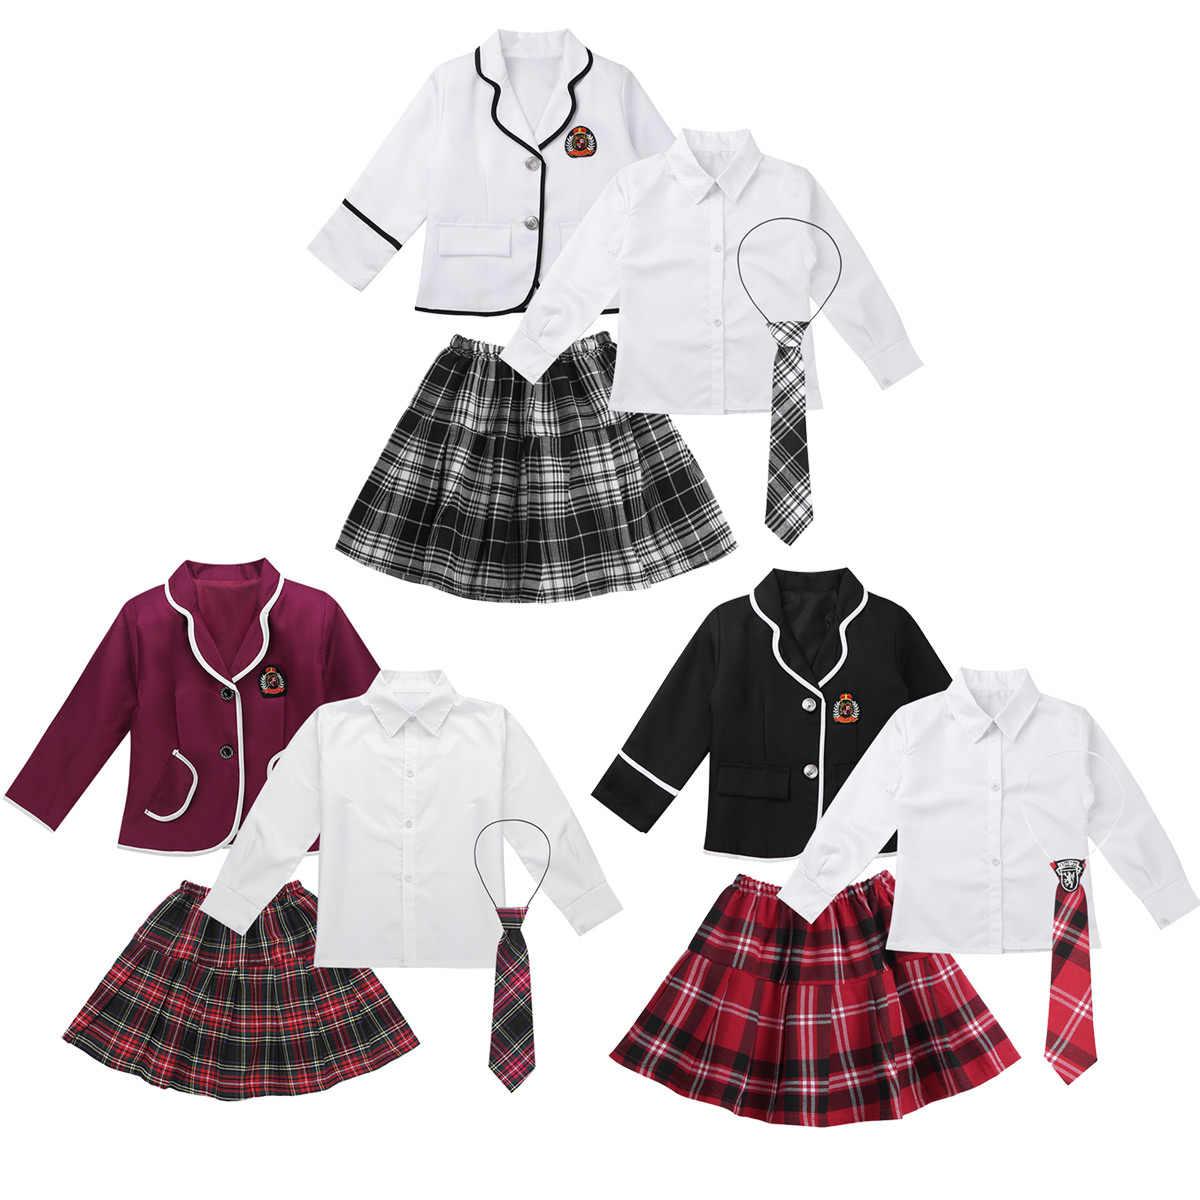 Niños Niñas uniforme escolar japonés británico Anime disfraz Cosplay fiesta Show conjunto abrigo con camisa corbata Mini falda estudiante ropa